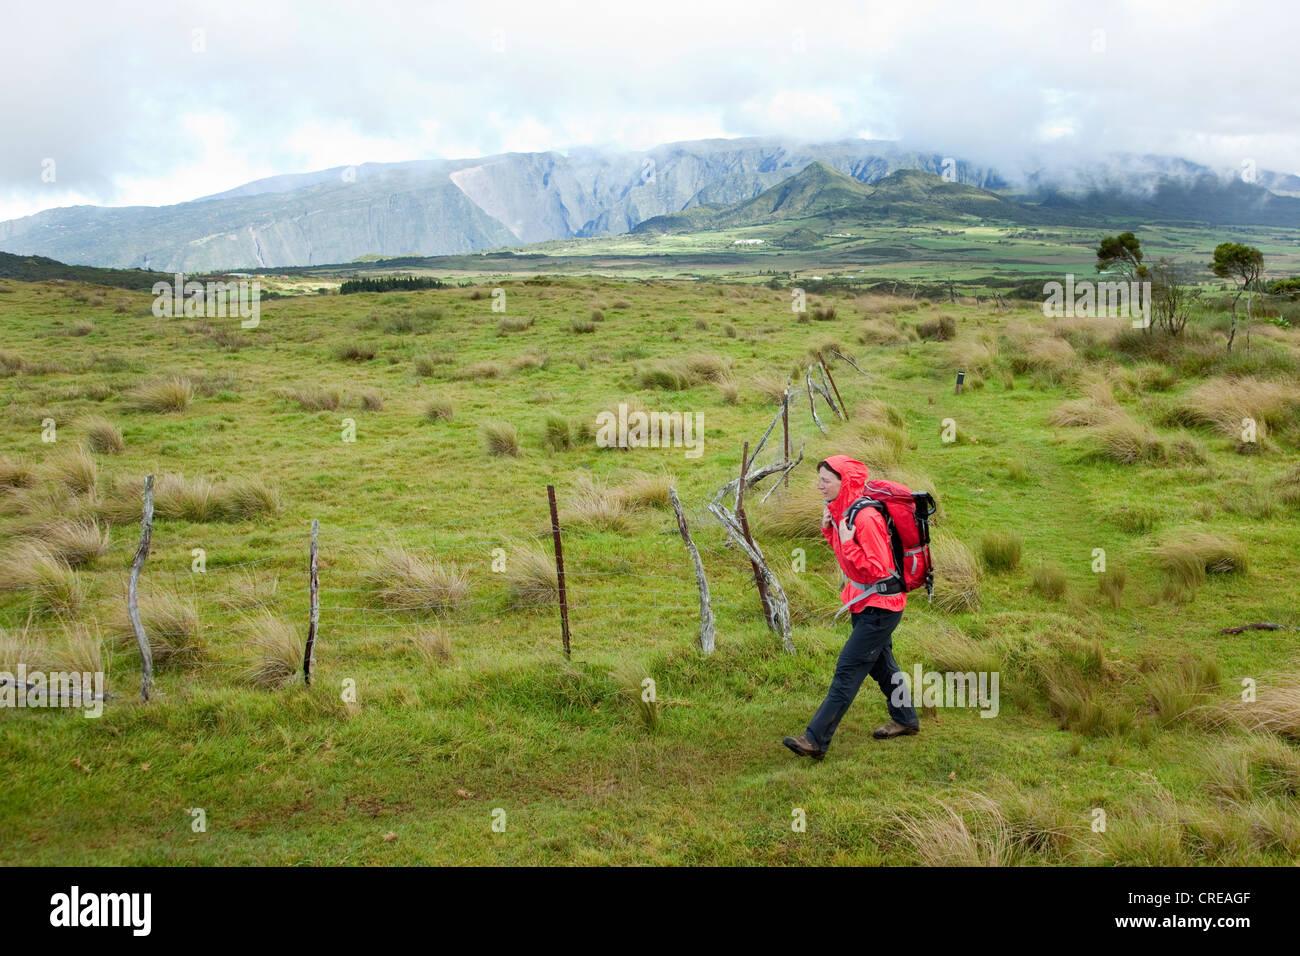 Hiker on the plateau Plaine des Cafres at Bourg-Murat, La Reunion island, Indian Ocean - Stock Image